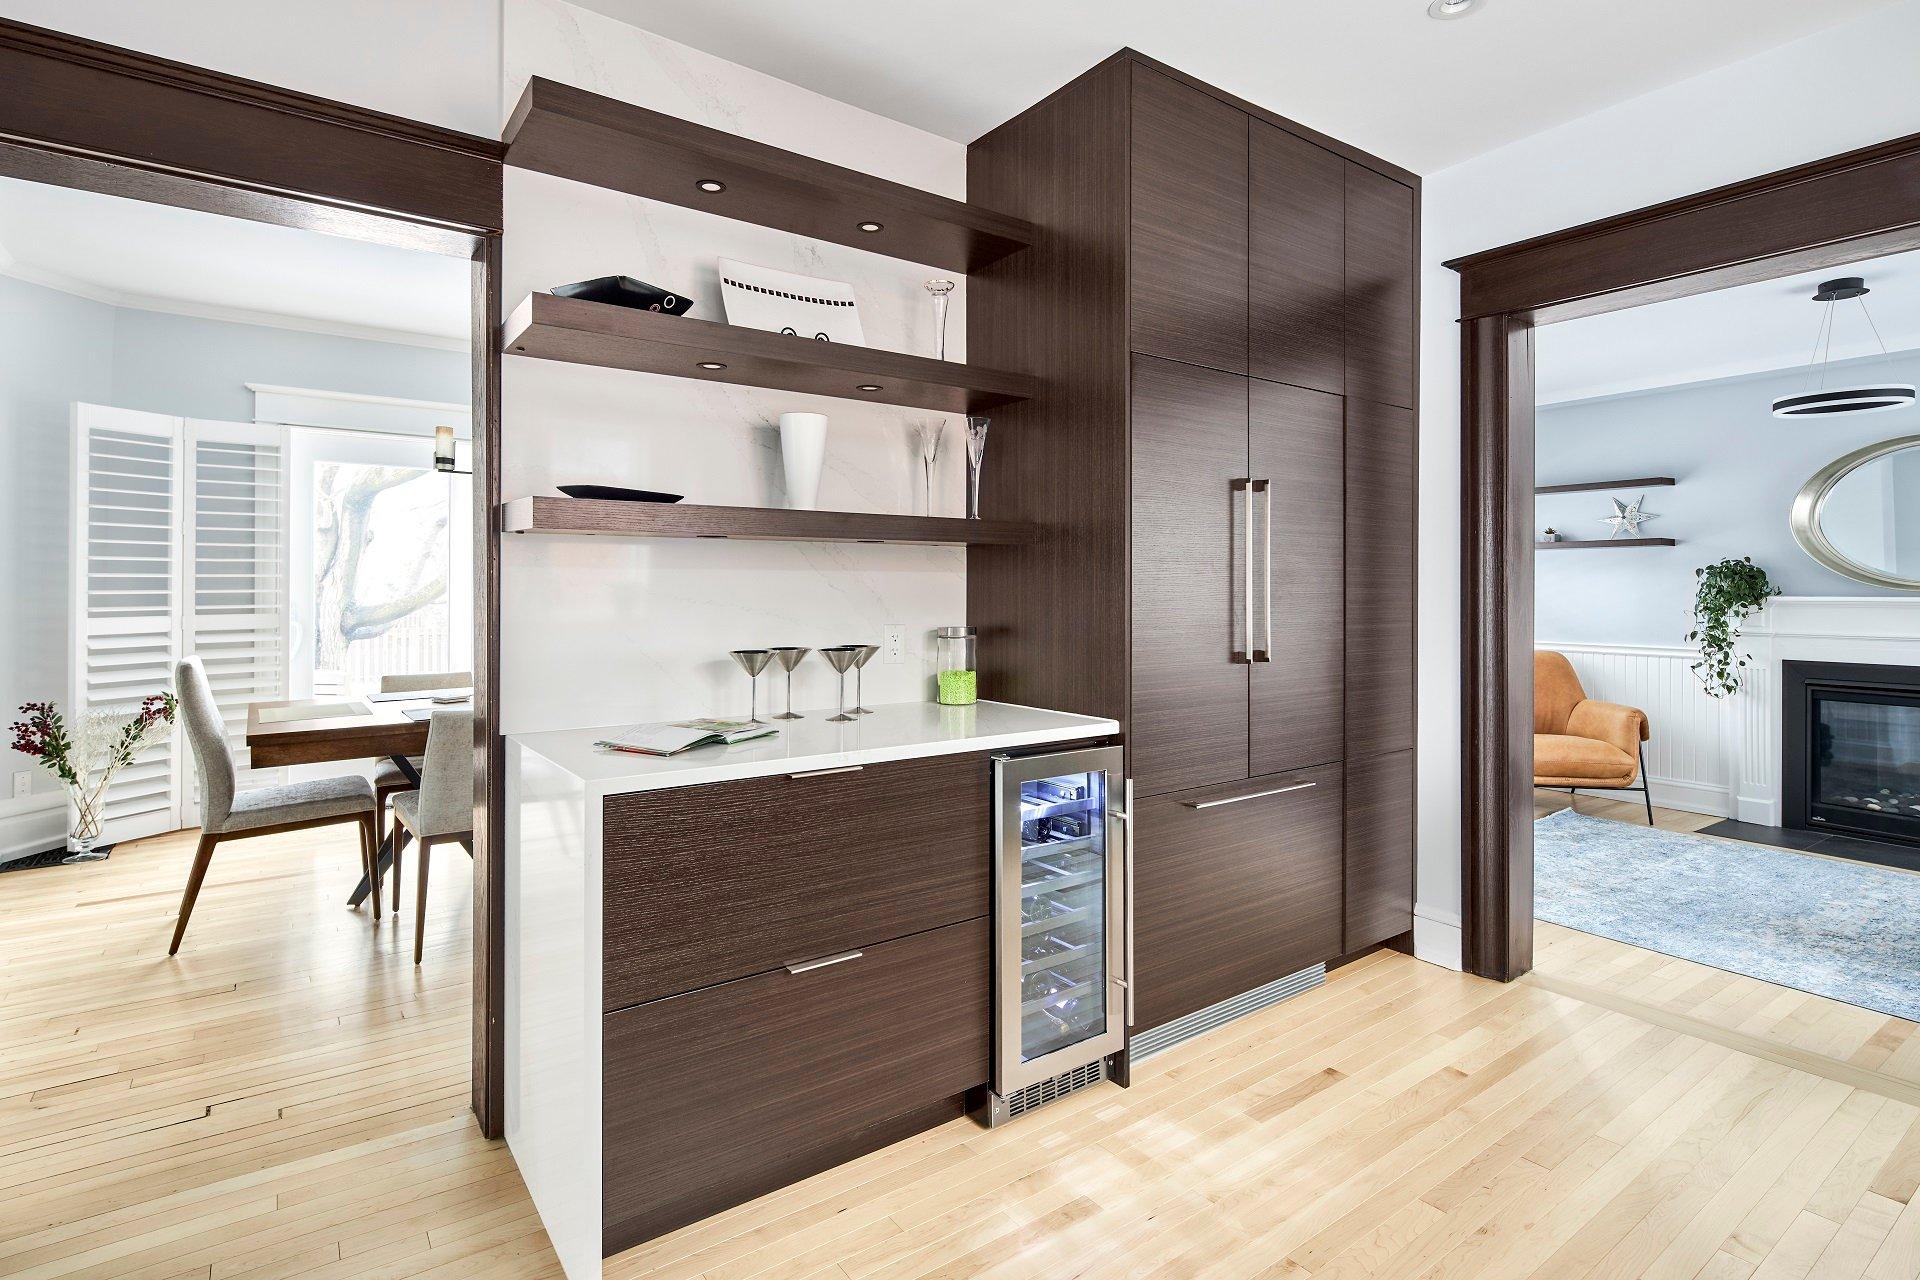 A modern design with an open floor plan